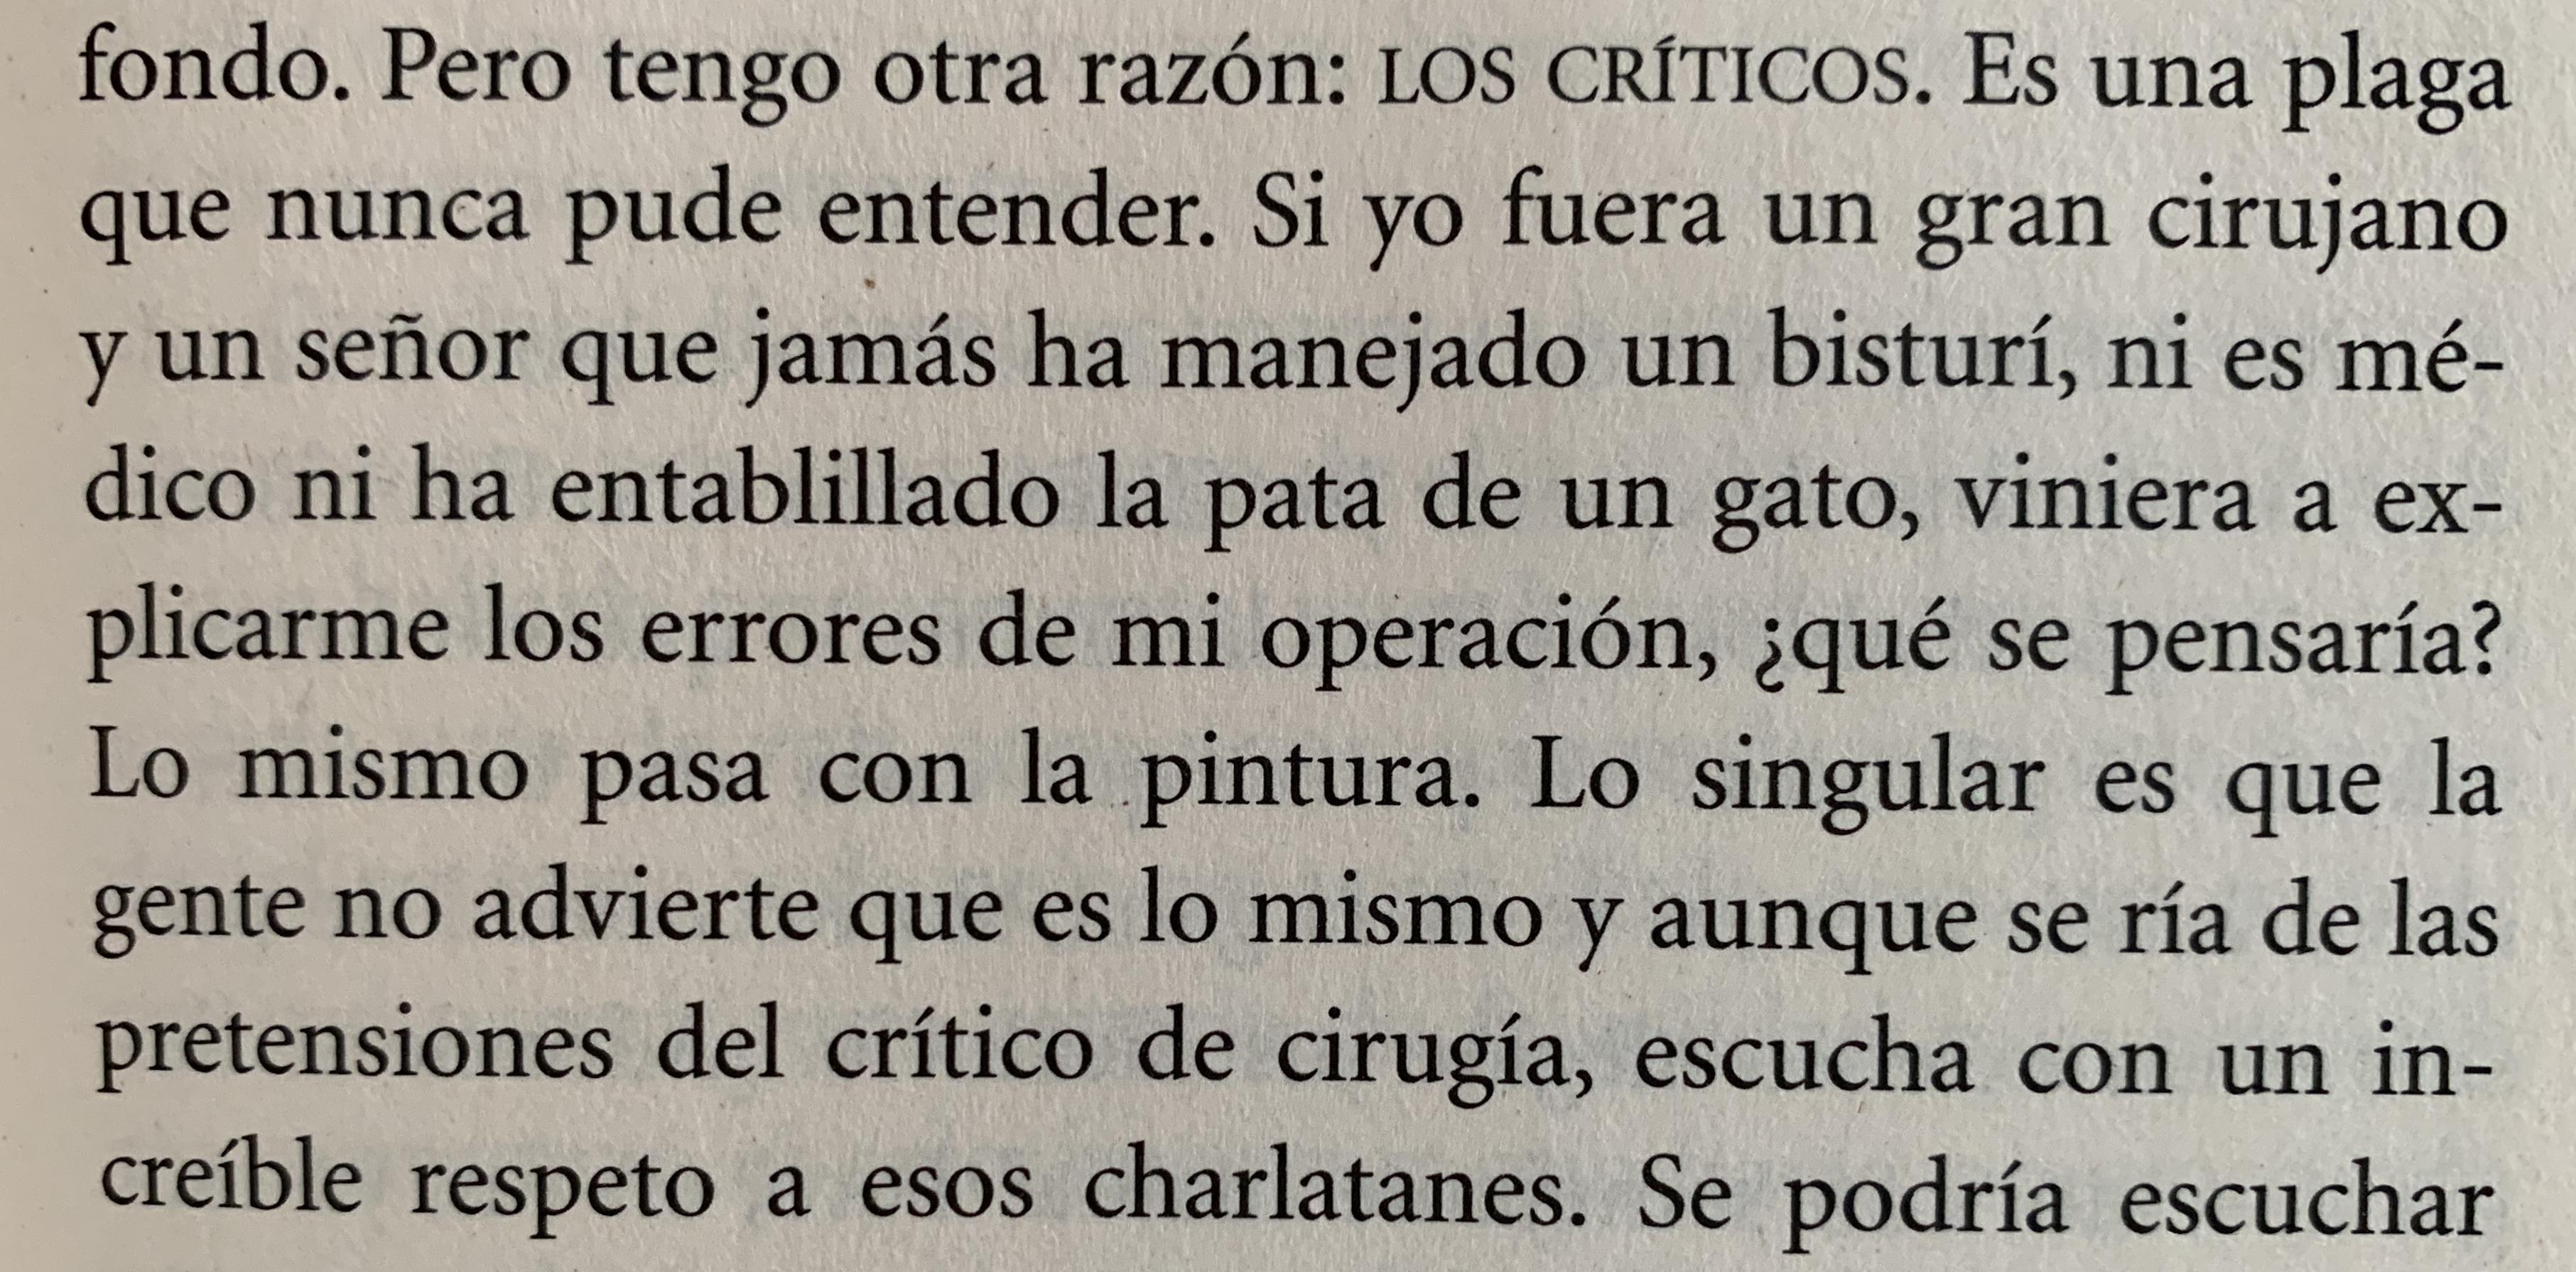 Fragmento del libro El túnel de Ernesto Sabato